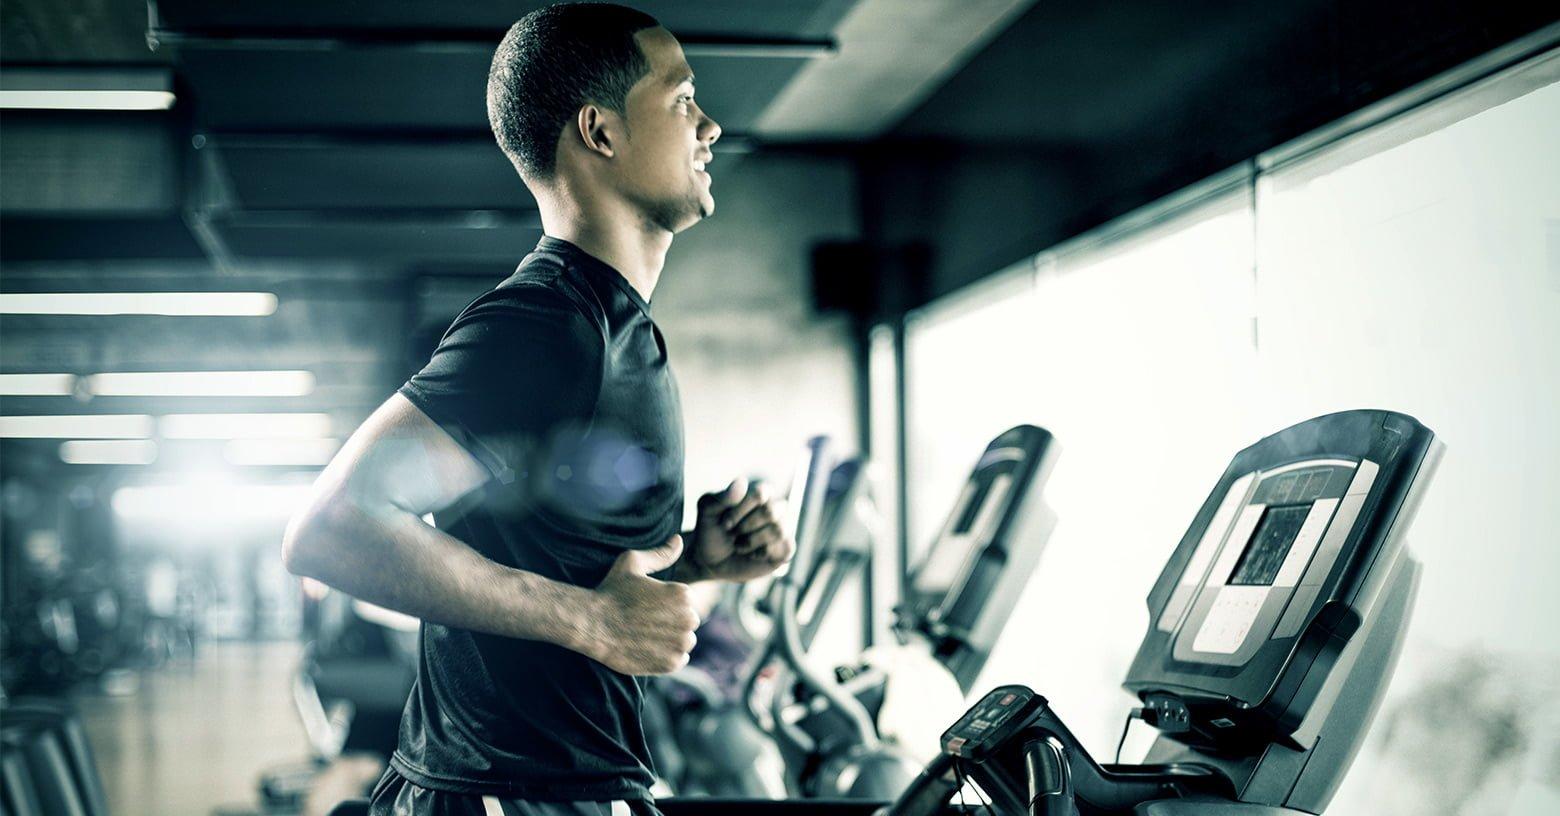 Perfect Running Technique - perfekte Lauftechnik - Technique de course parfaite - EVO Fitness